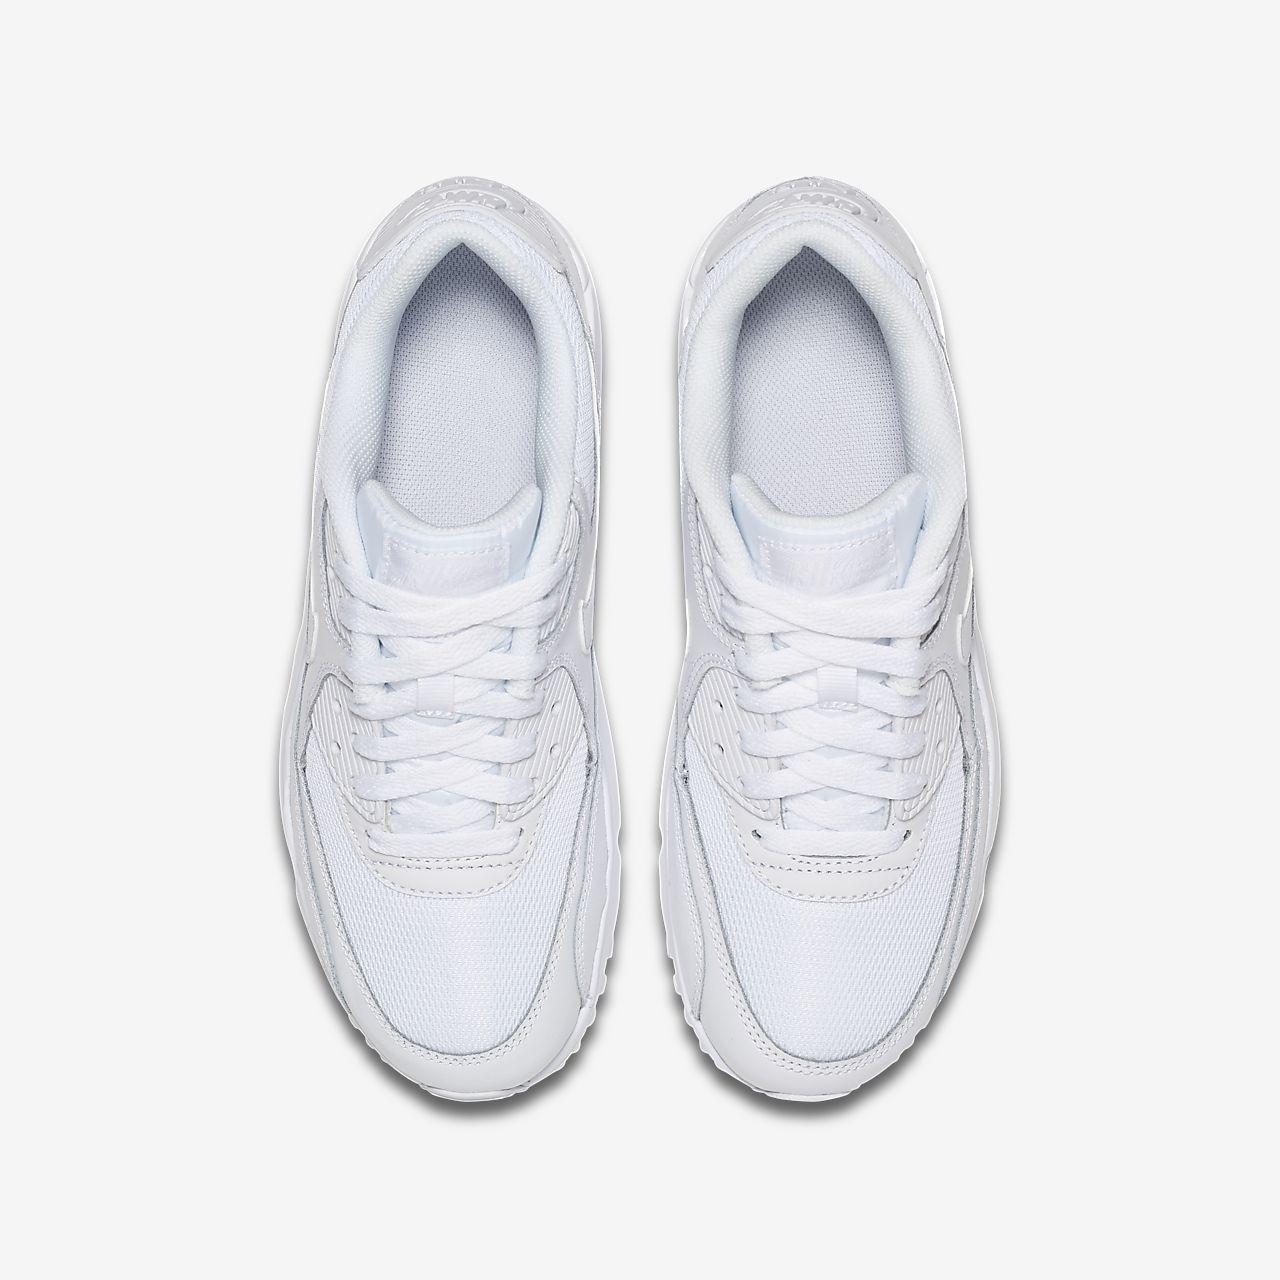 Zapatillas Casual Niña Nike Air Max 90 Mesh Blancas